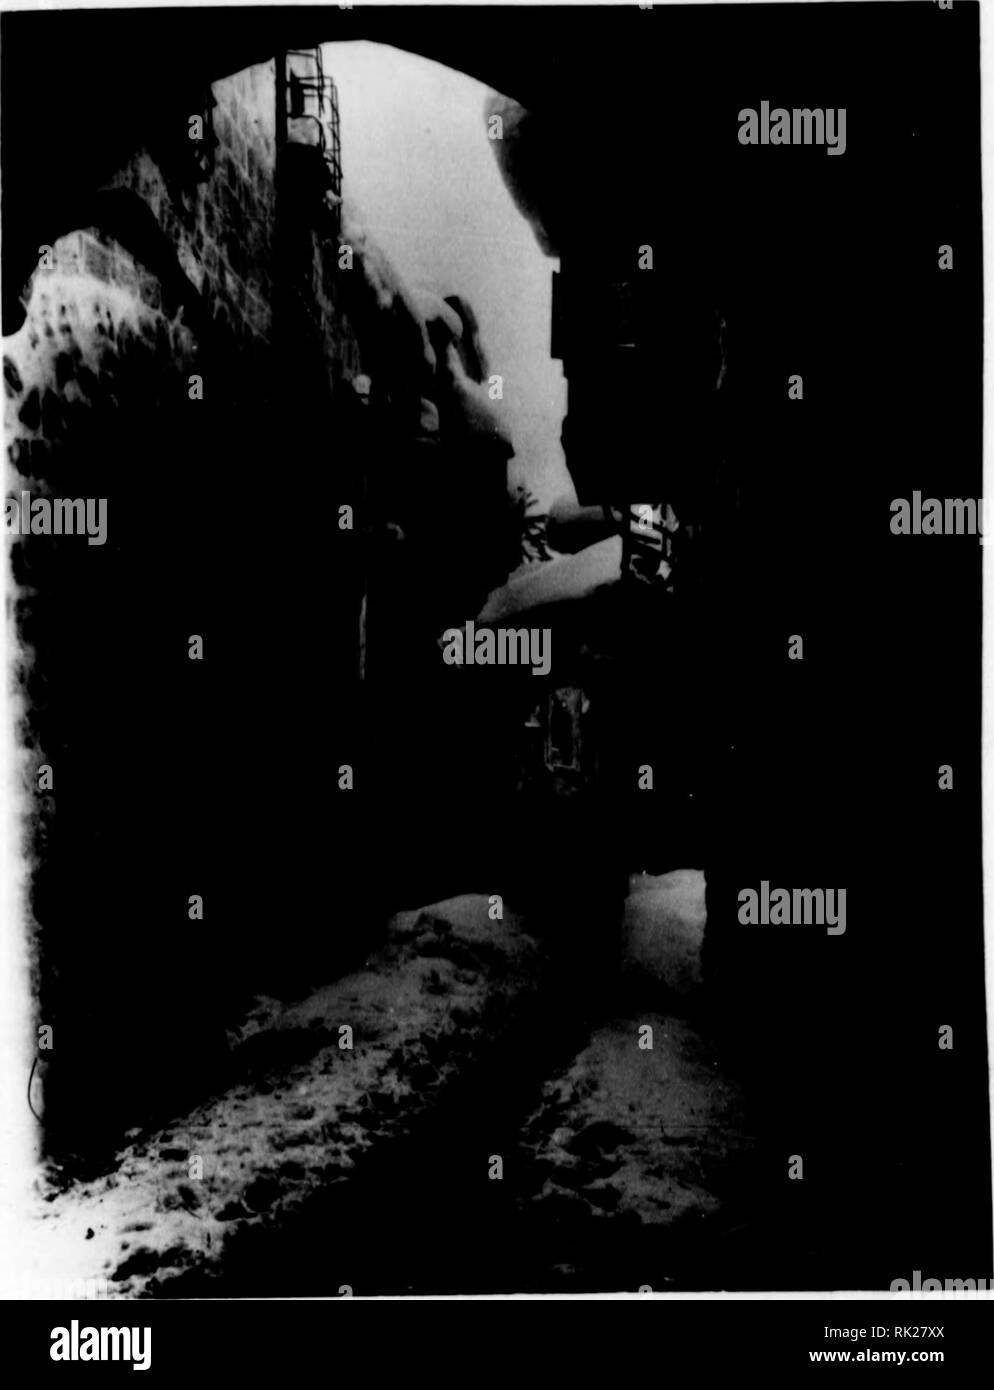 """. Arthur and Fritz Kahn Collection 1889-1932. Kahn, Fritz 1888-1968; Kahn, Arthur David 1850-1928; Natural history illustrators; Natural history. J.  Der """"betraöhtliche Kl iinaiint er schied zw Jerusalem iind Tel Aviv kommt in den beiden £fiigÃñRK Photographien zum Ausdruck. Die Schnee= aufnähme der Via dolorasa von Jerusalem ist in der z^v-eiten VYoche des Fehr > aufgenommen, die Photographie eines Gartens in der XÃstenelDene bei Tel Aviv ist ^ Wochen später angefertigt worden die Prühlingsblumen stehen in vollem Flor. ^pie Bananenstauden freilich verraten, dass sie kein 1 eic Stock Photo"""